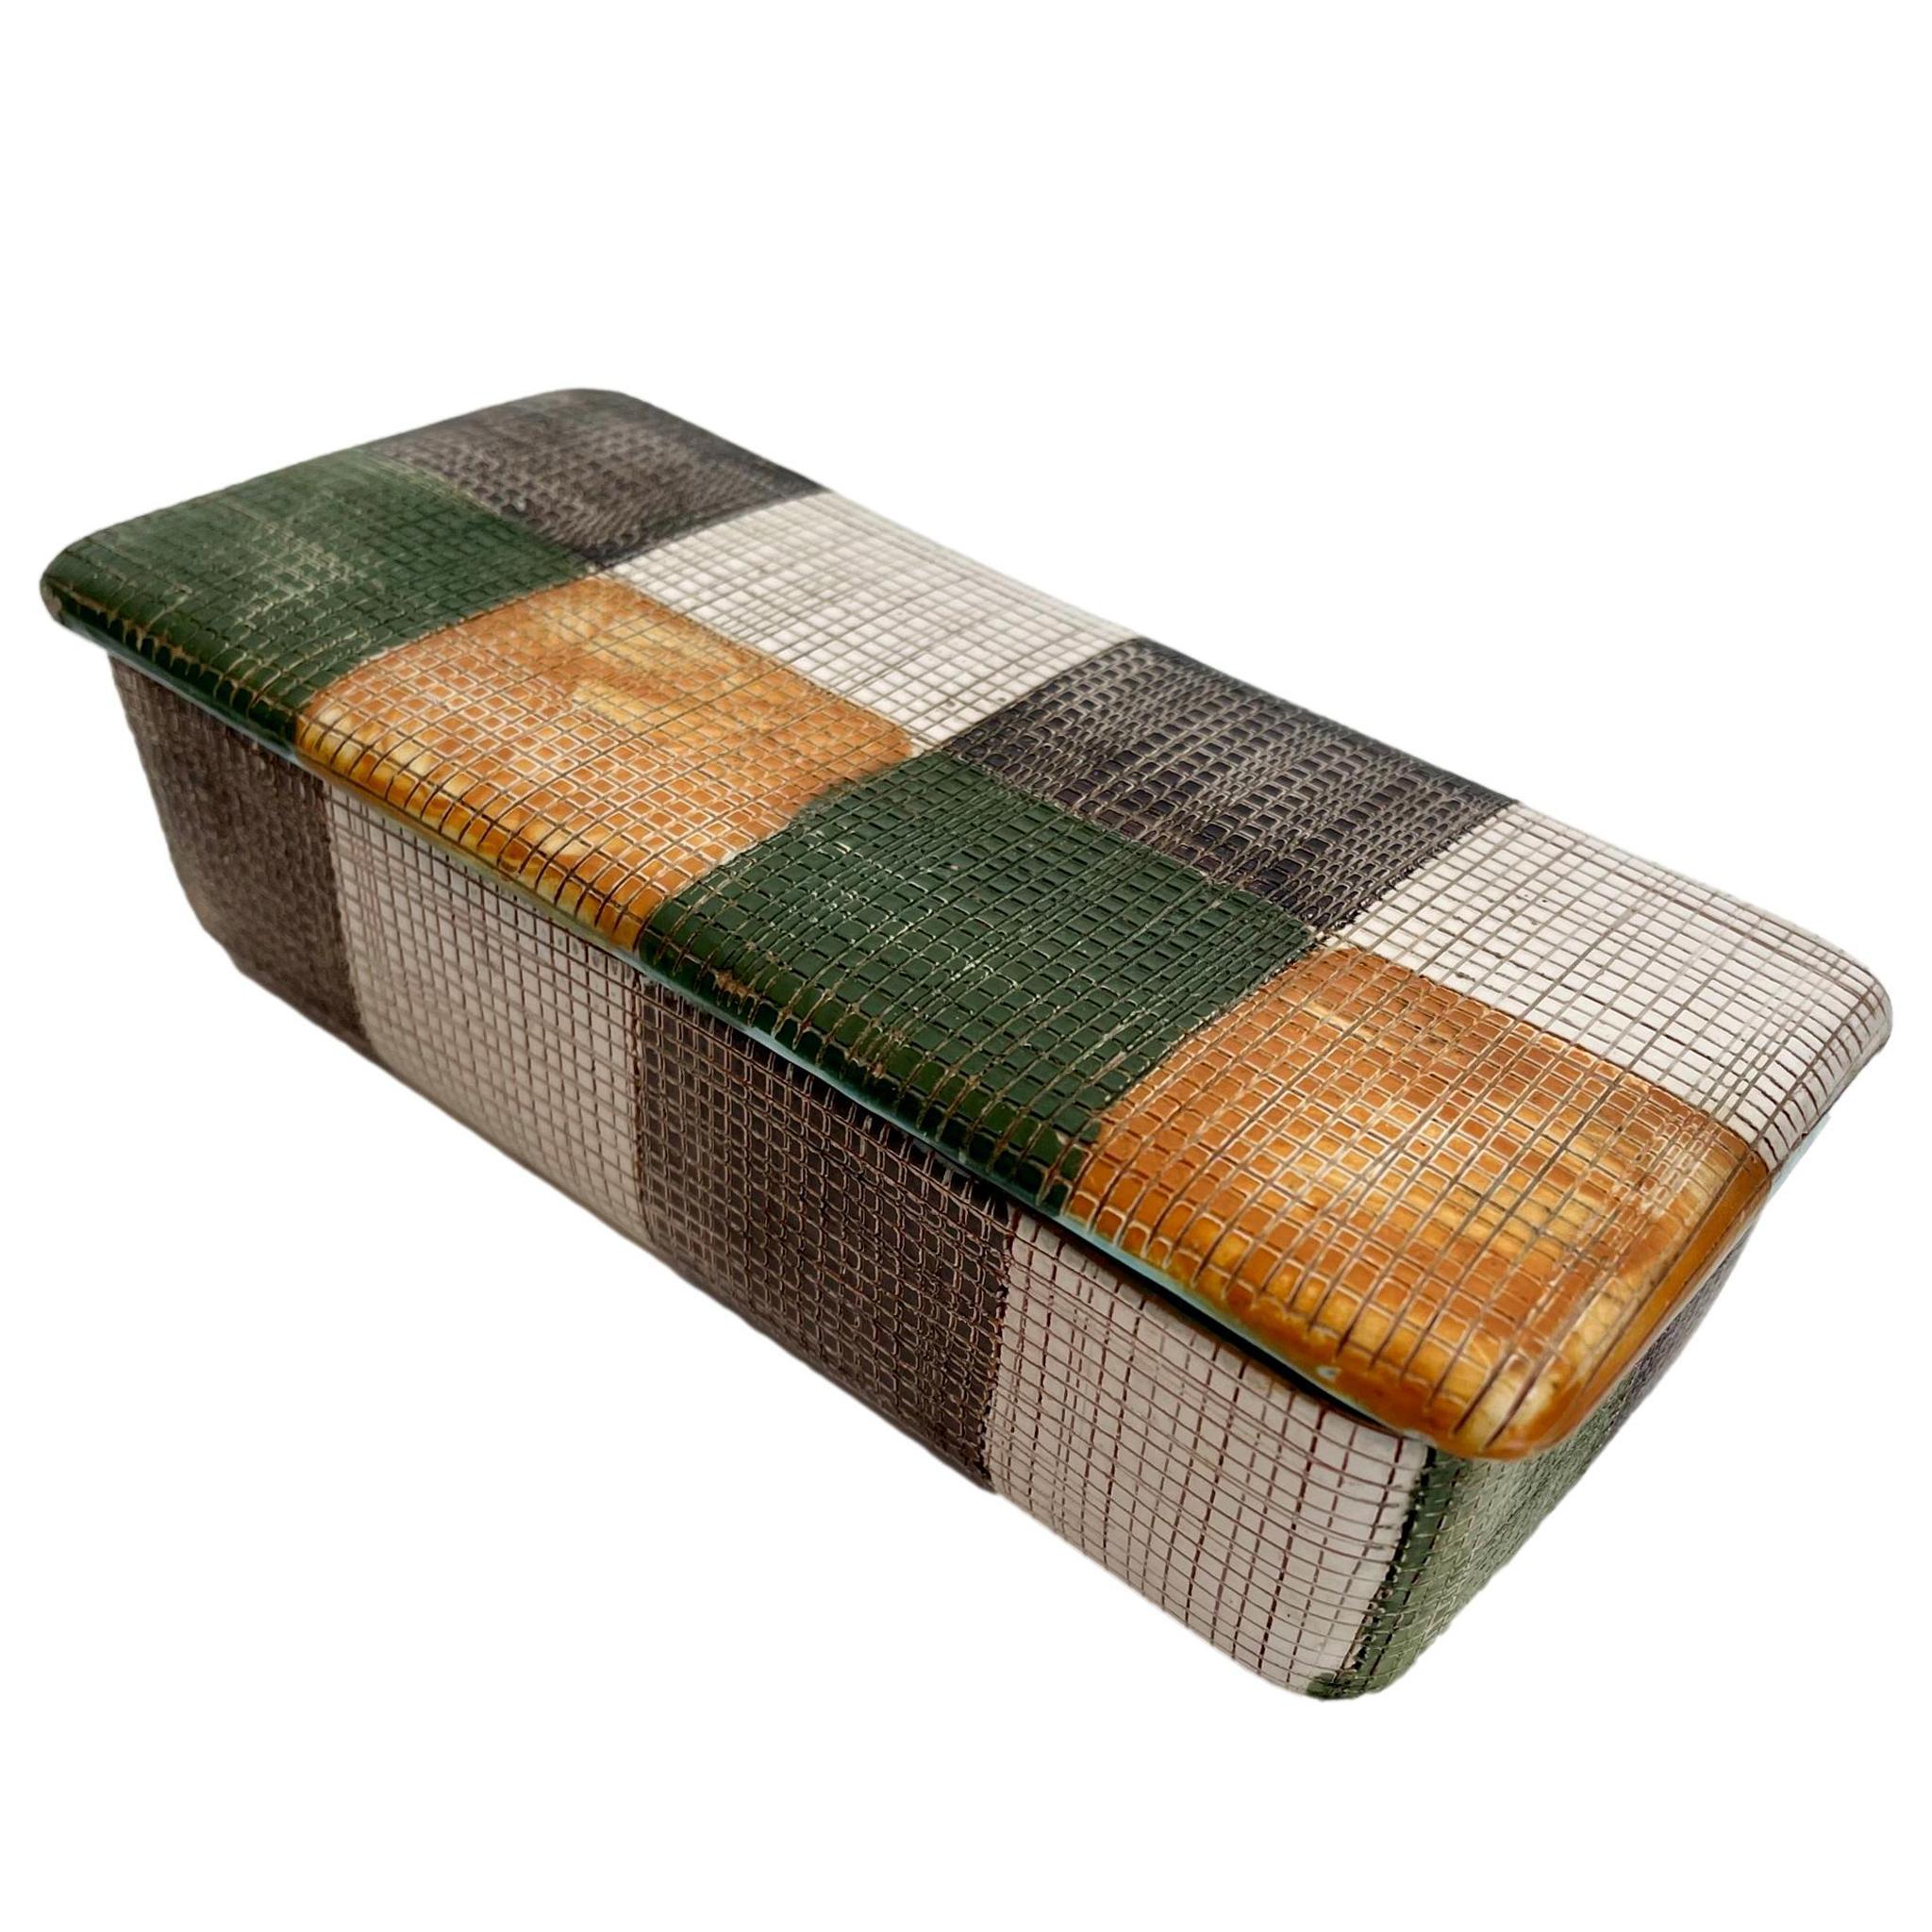 Italian Patchwork Ceramic Box